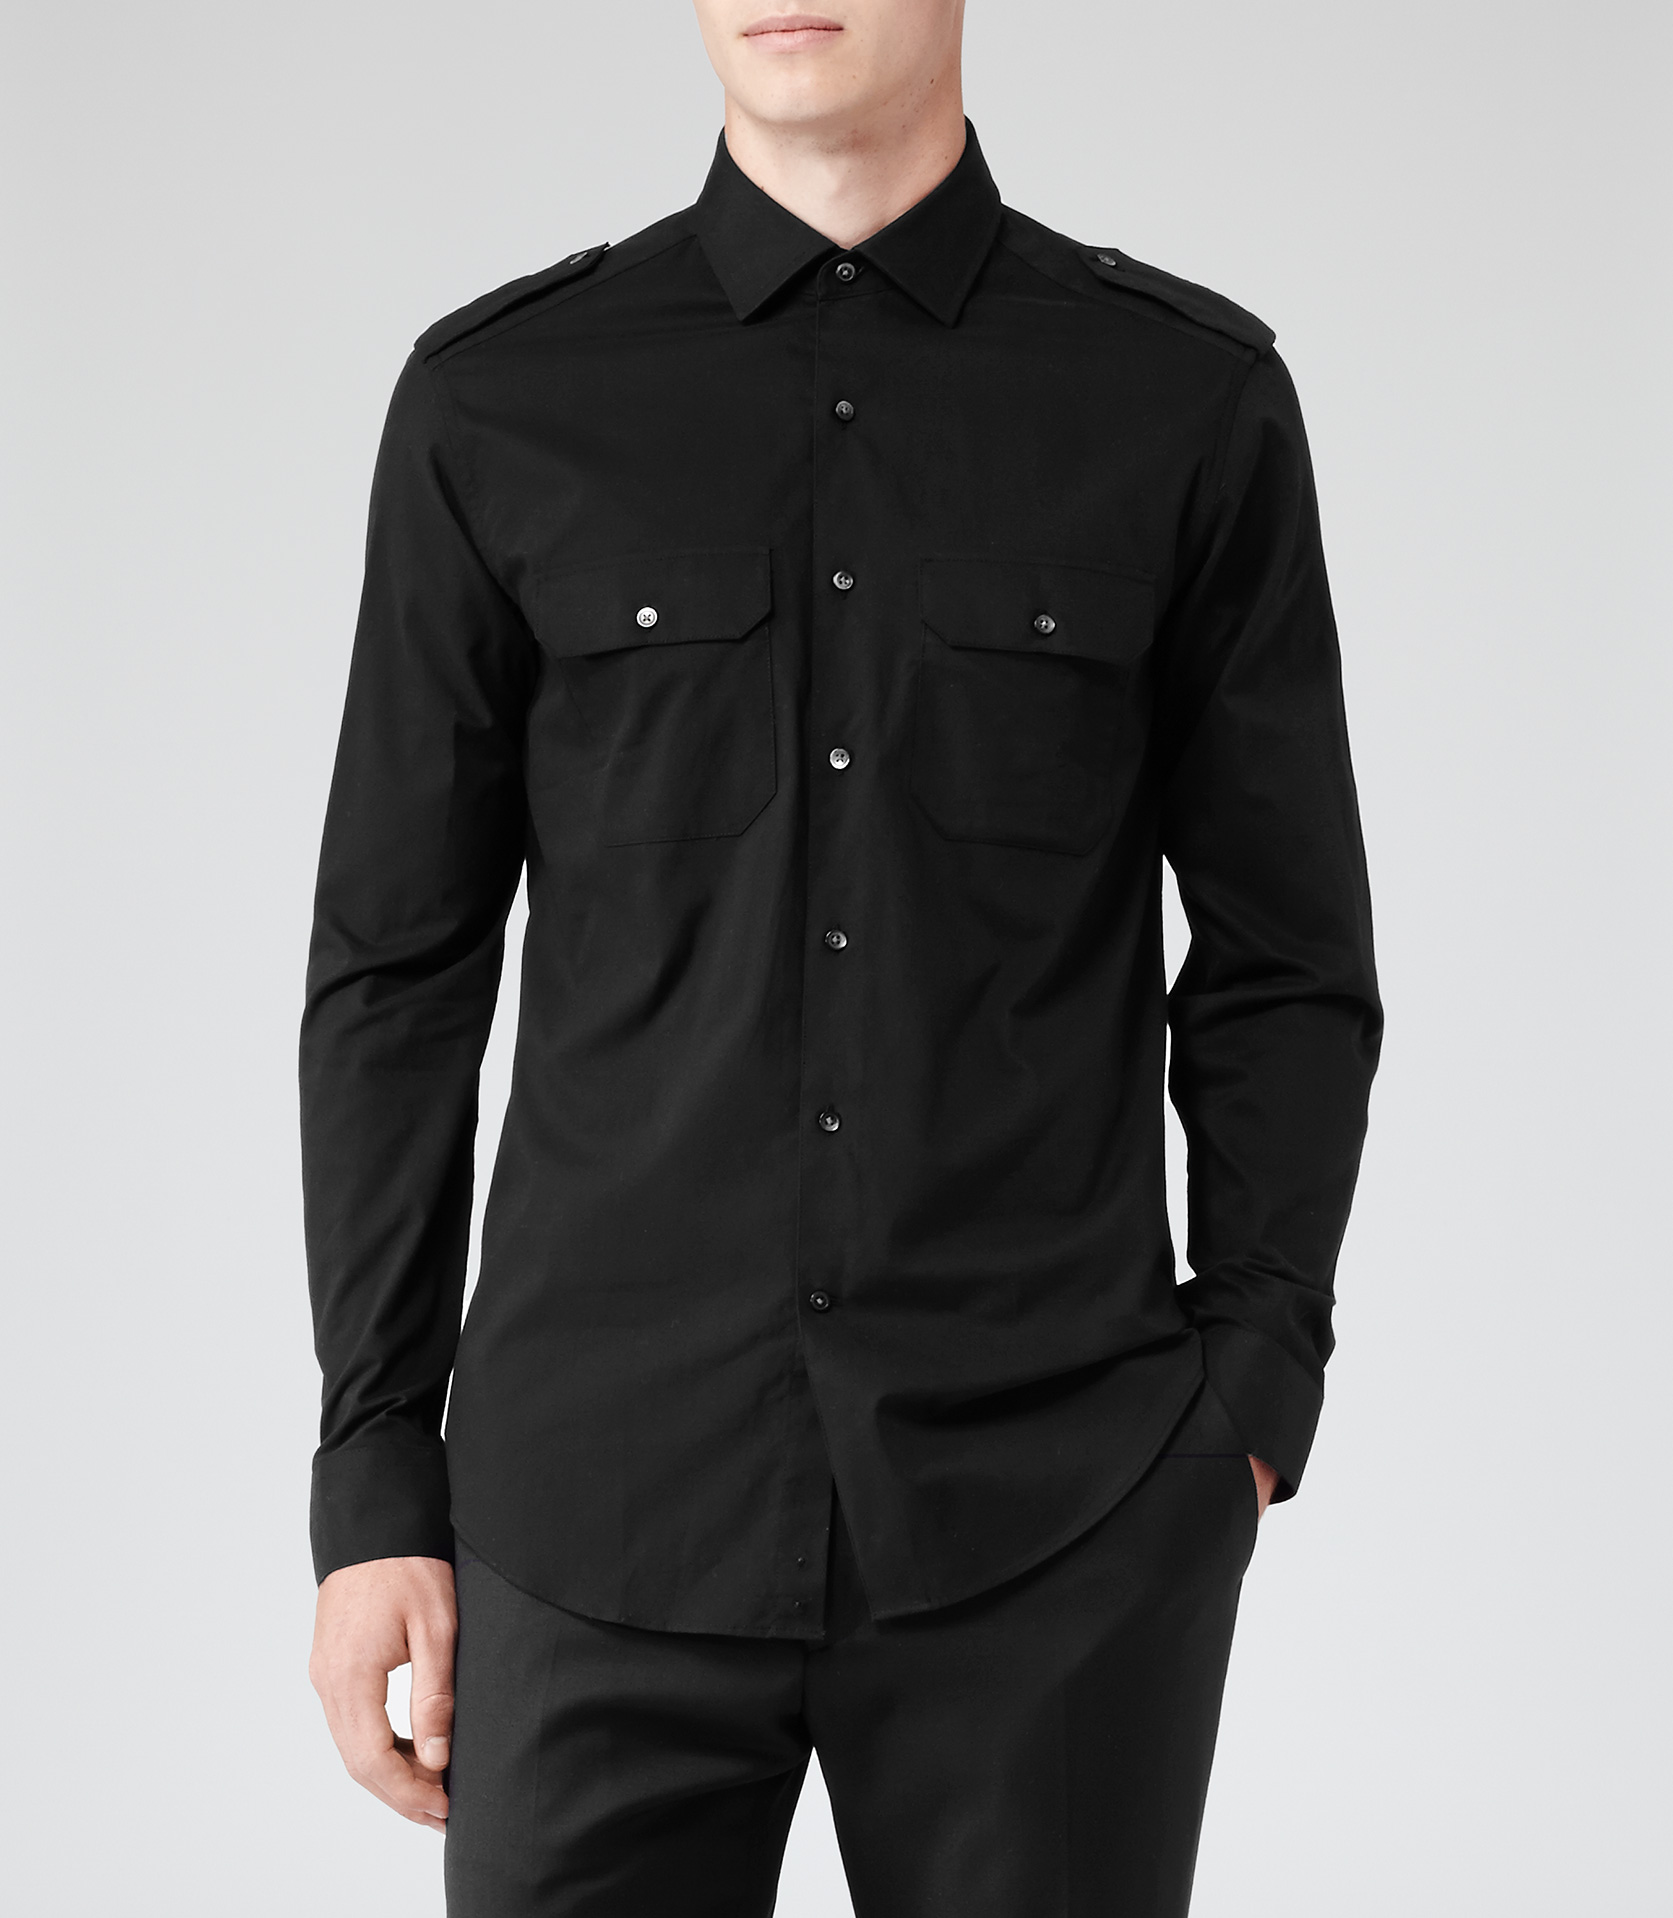 Lyst - Reiss Dynamite Military Shirt in Black for Men